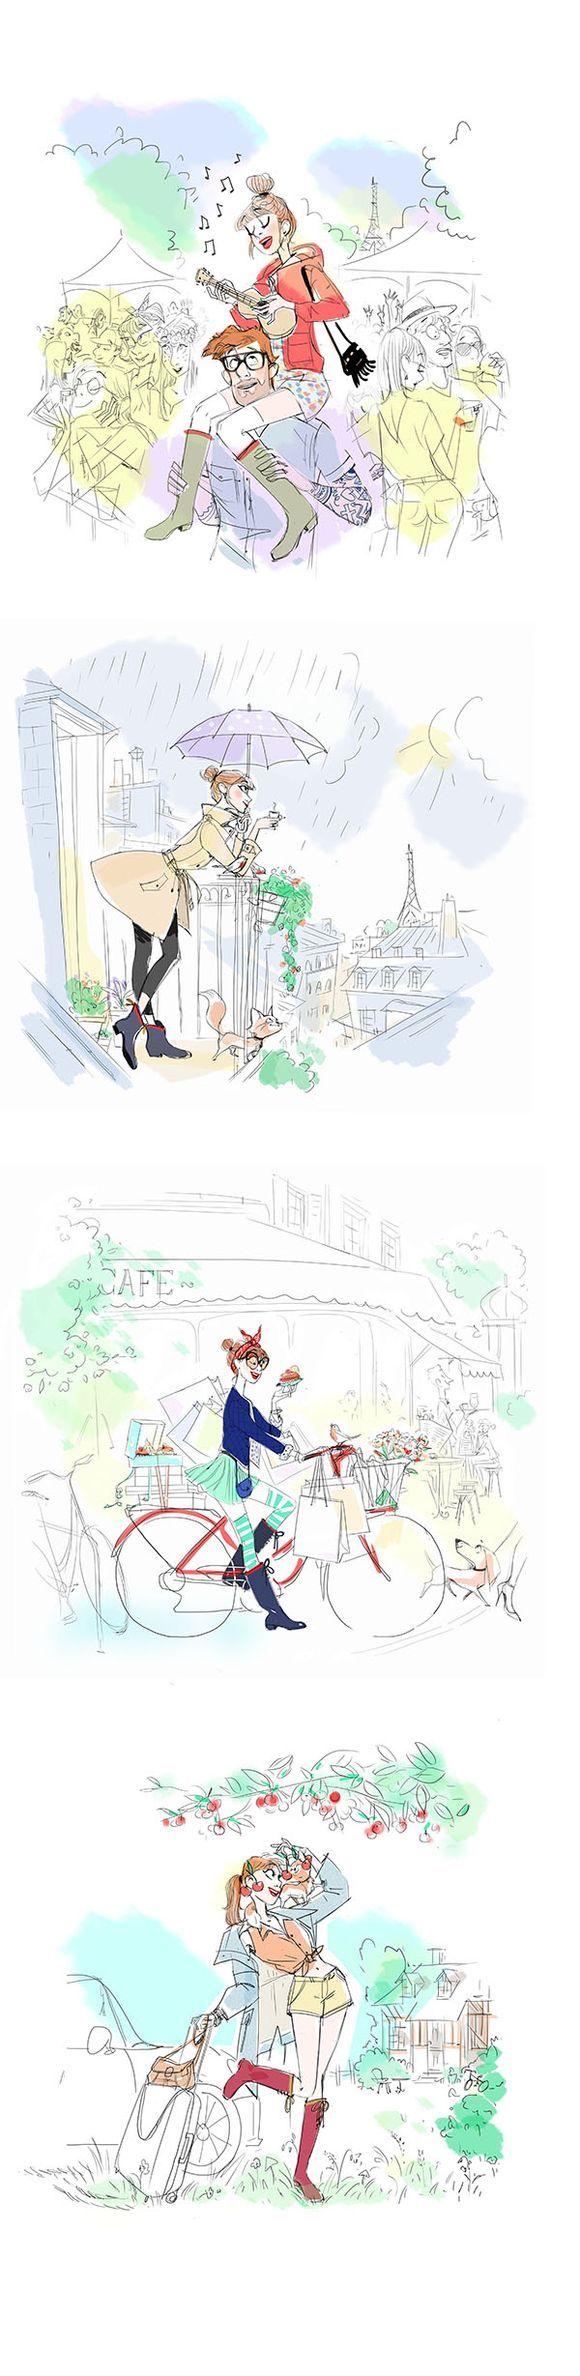 Aigle, paris, dessin, couple, femme, chat, romantisme